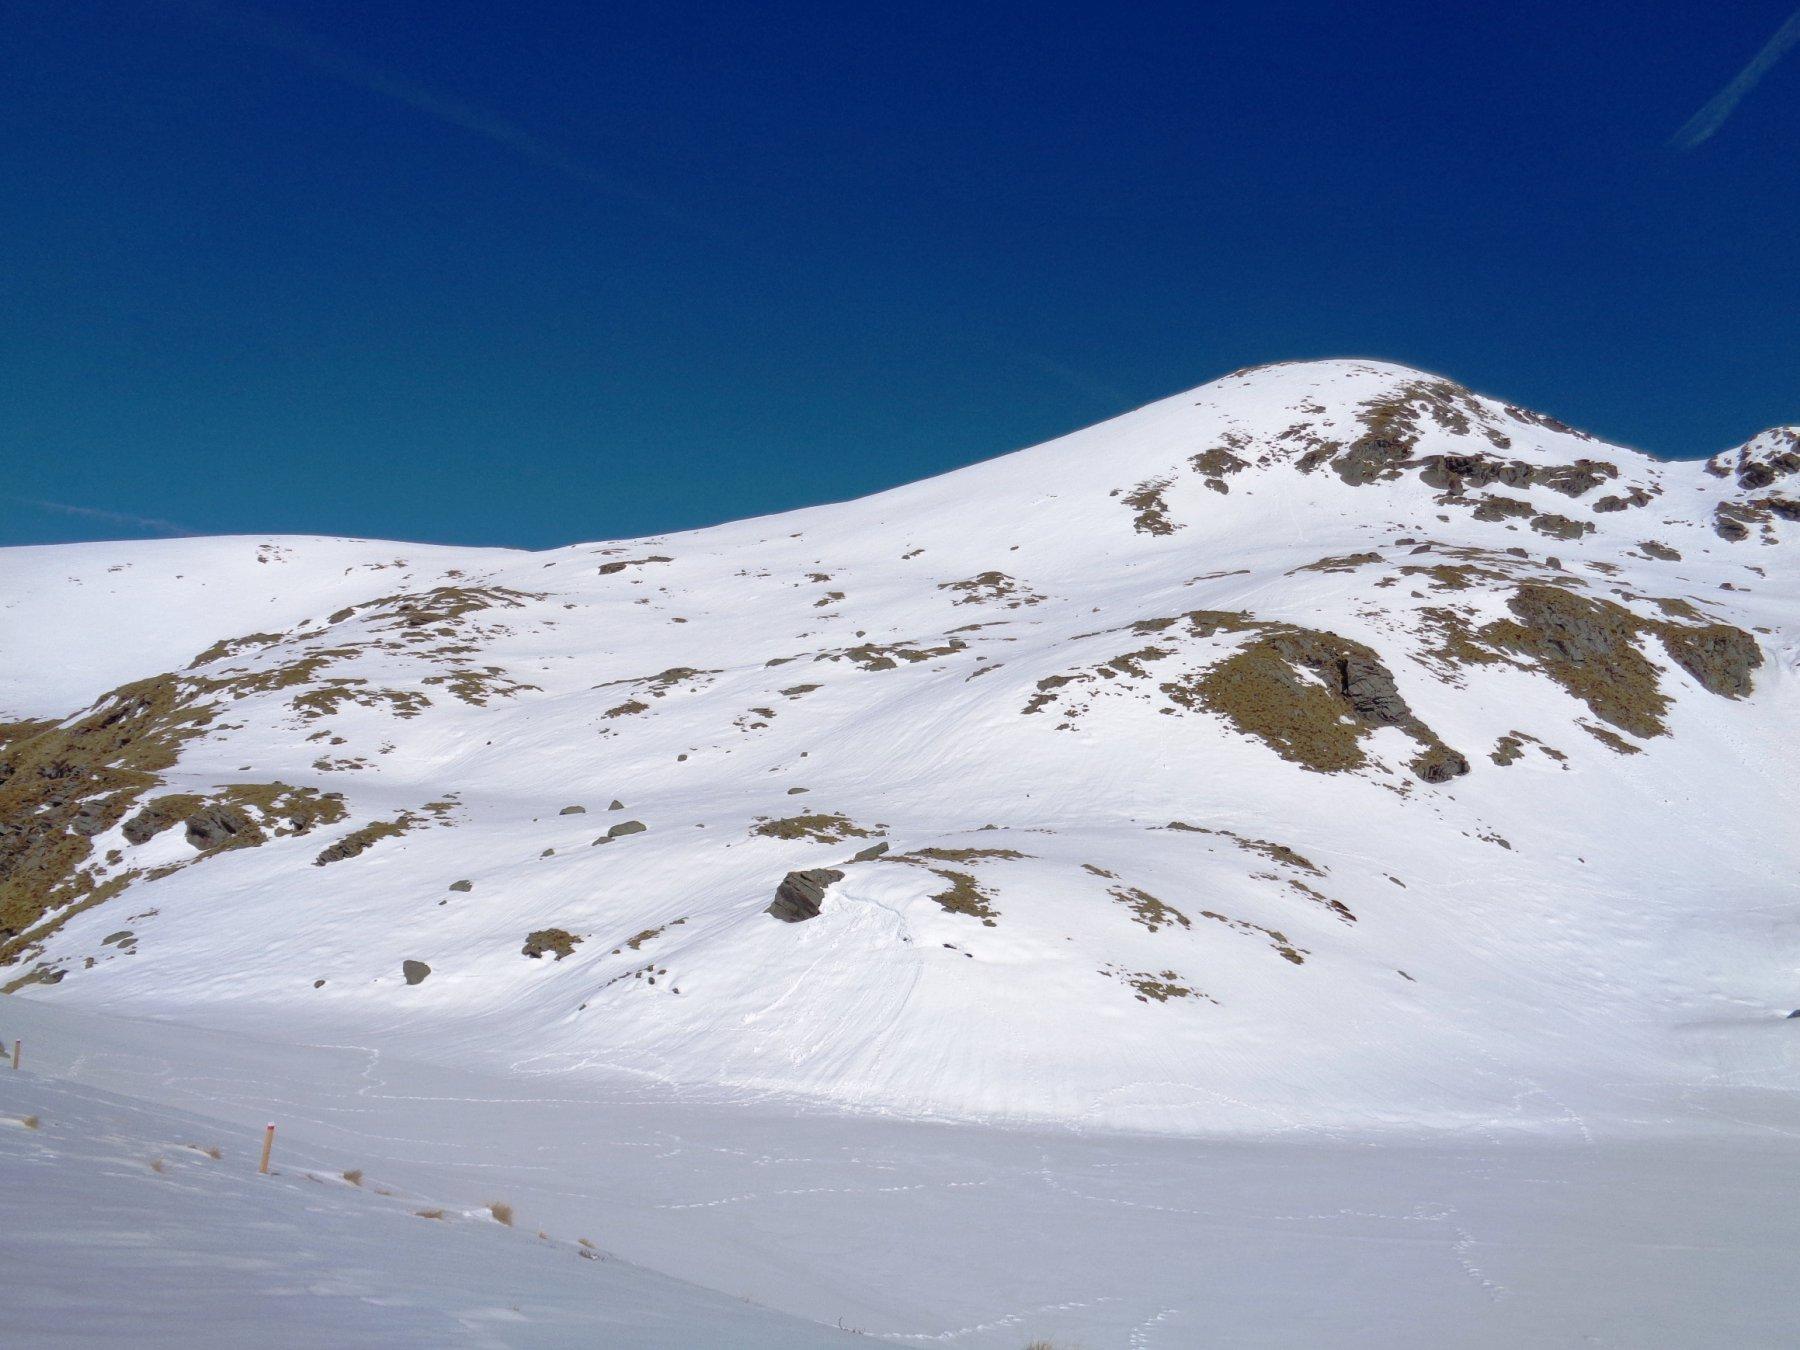 Quota 2657 m a ovest della Punta Malanotte da Seleiraut per il catino Sud 2016-03-26